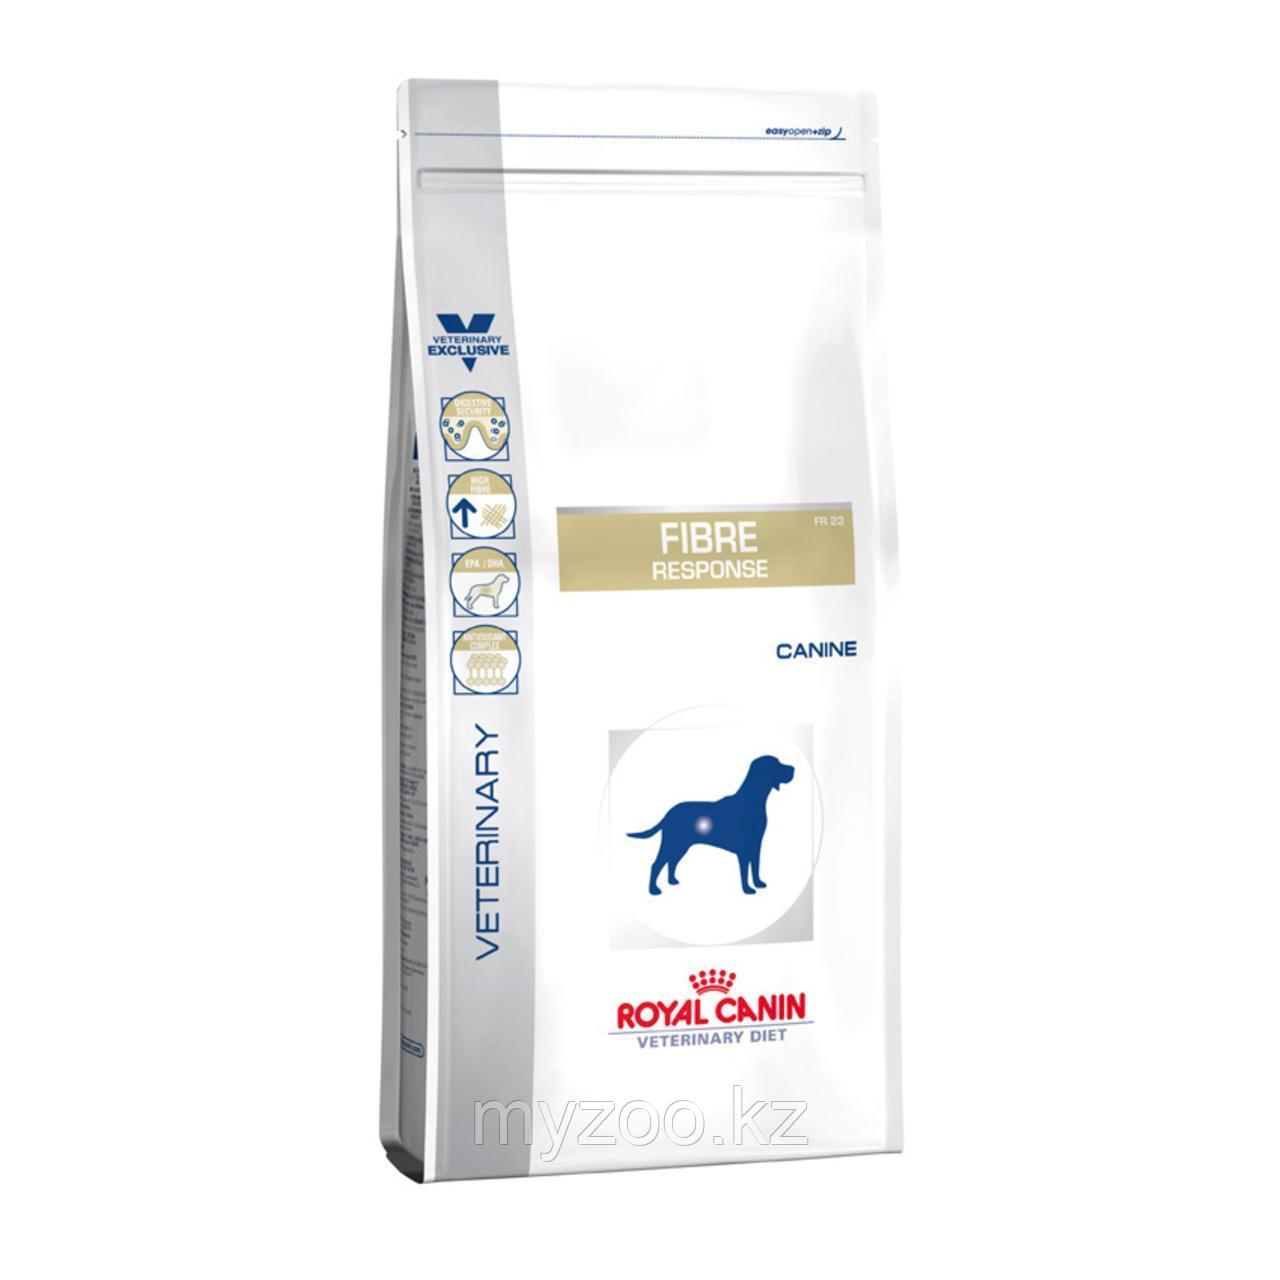 Корм для собак с проблемами кишечника Royal Canin FIBRE RESPONSE DOG  2 kg